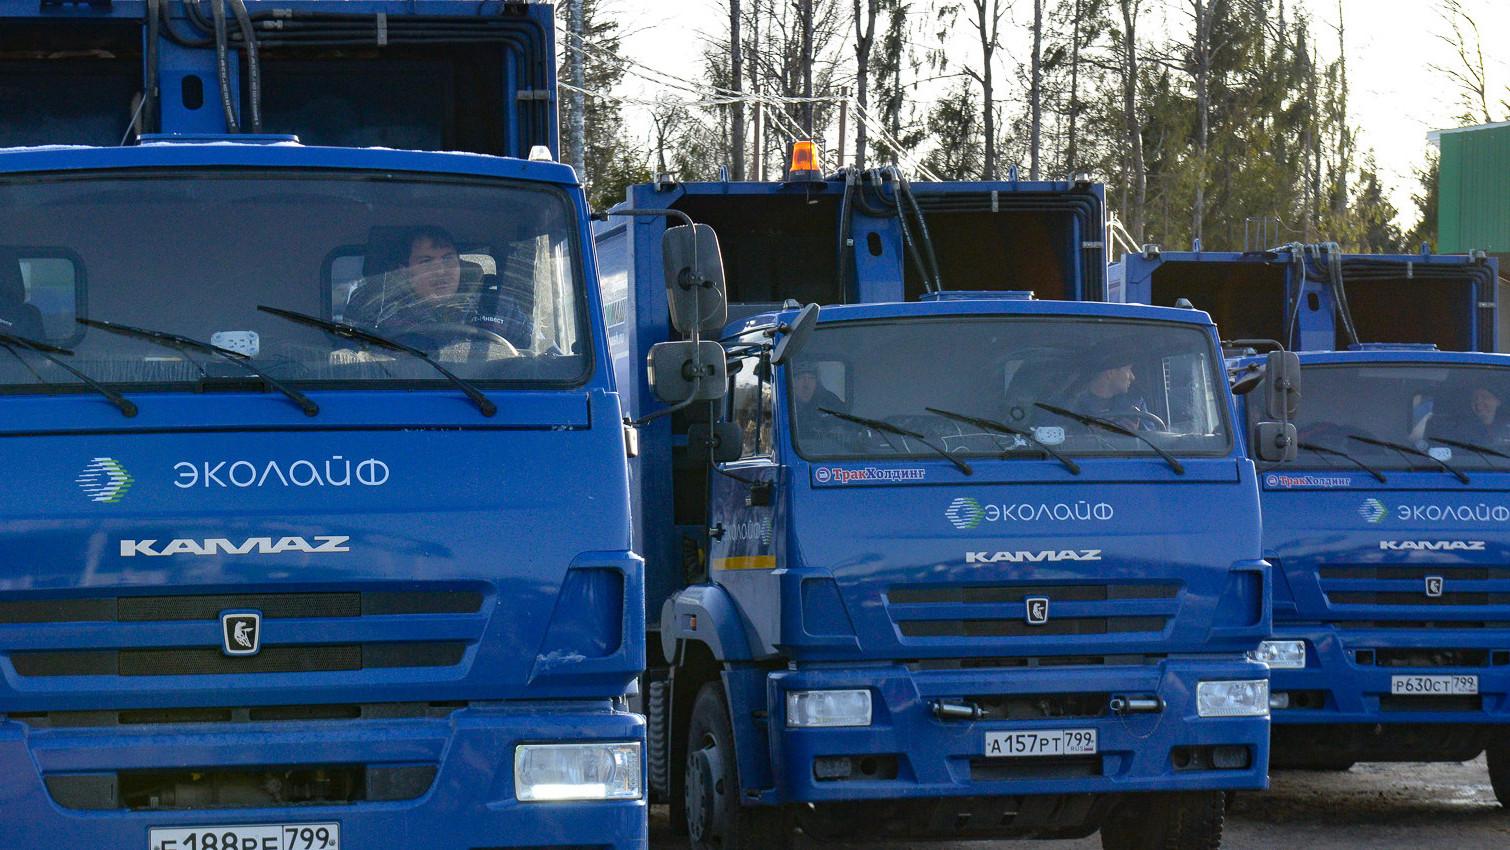 Пять новых мусоровозов появилось в автопарке оператора по обращению с ТКО в Подмосковье